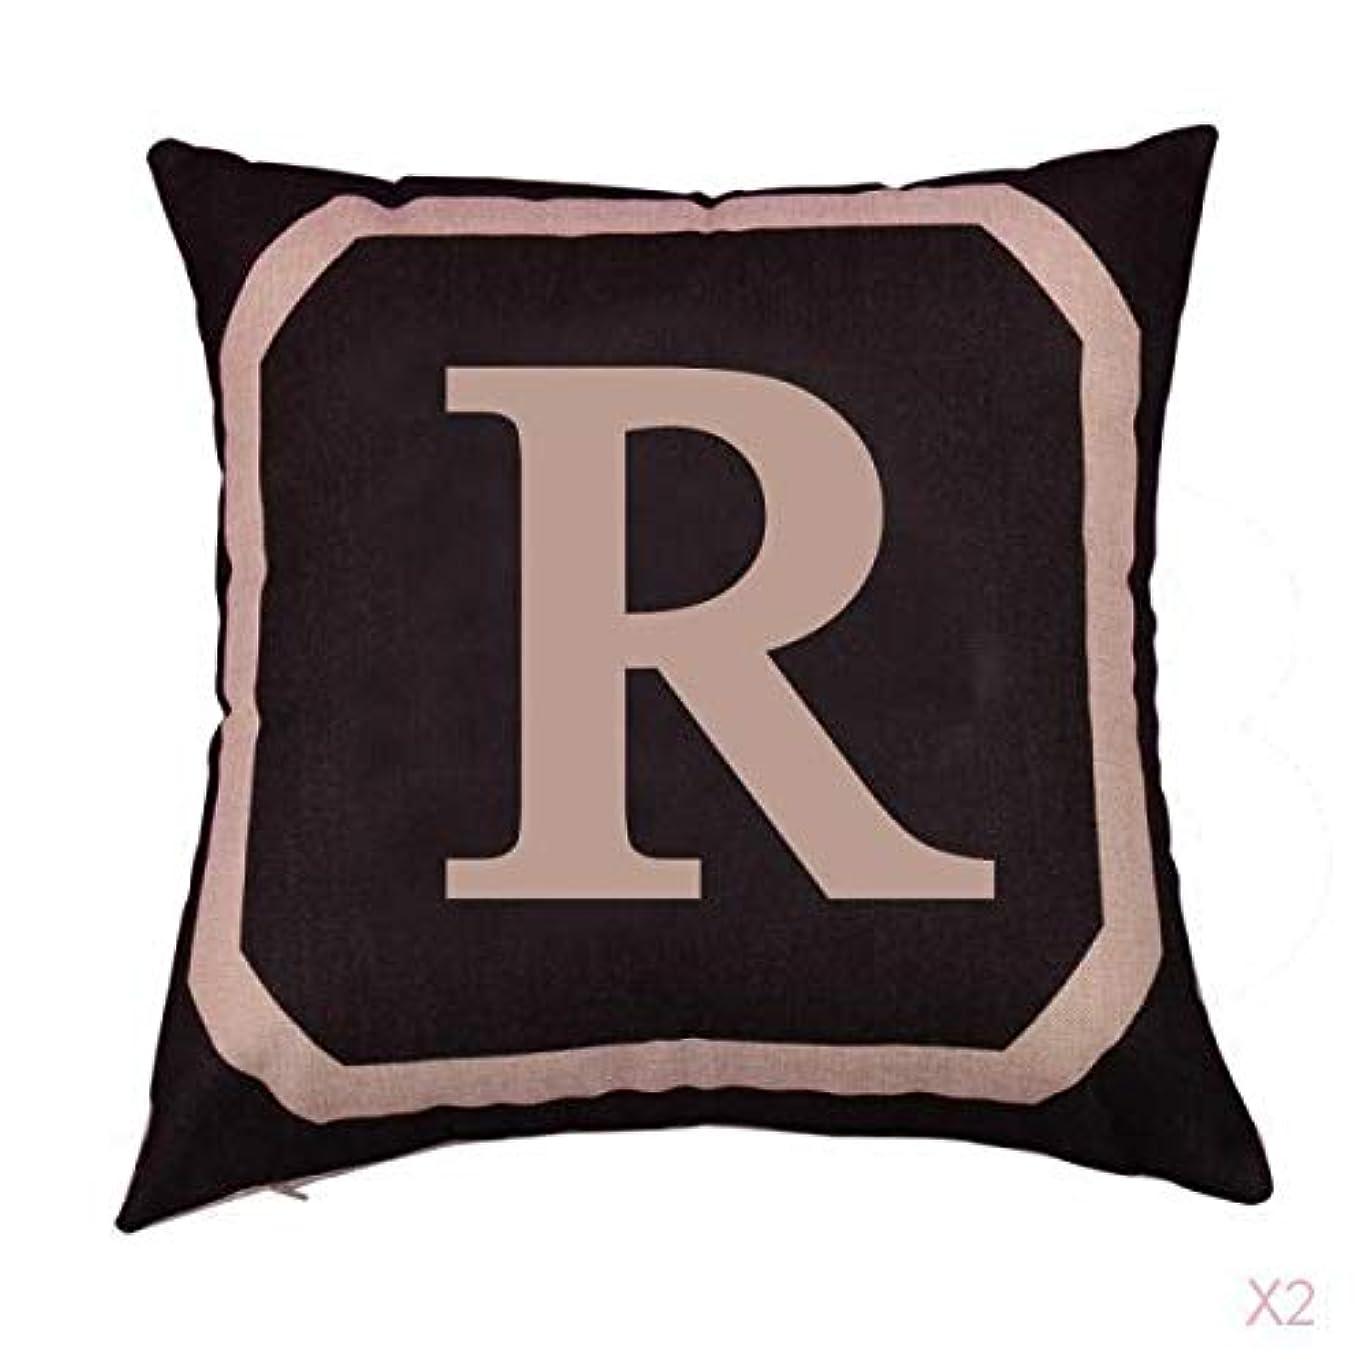 下着数学的なベーカリー正方形の綿のリネンスローピローケース腰クッションカバーベッドソファ装飾rを